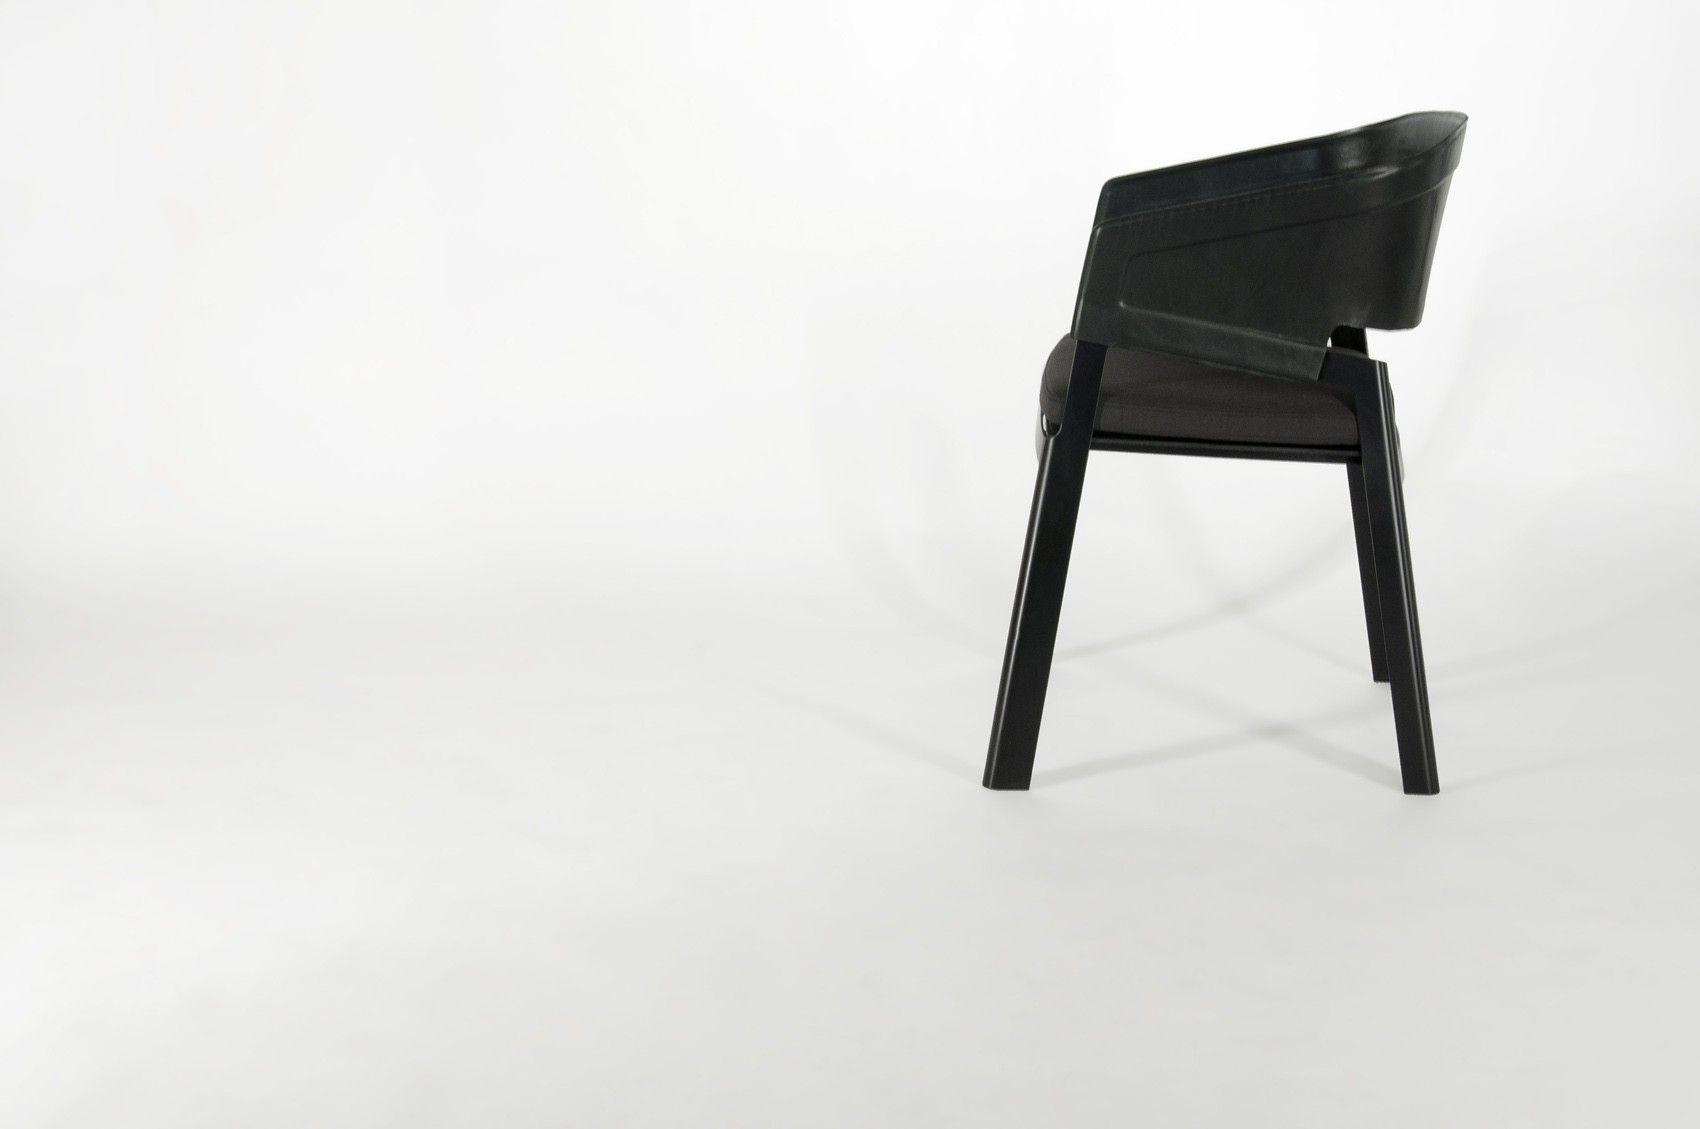 Chair Pucca Federico Churba Furniture Pinterest # Muebles Federico Churba